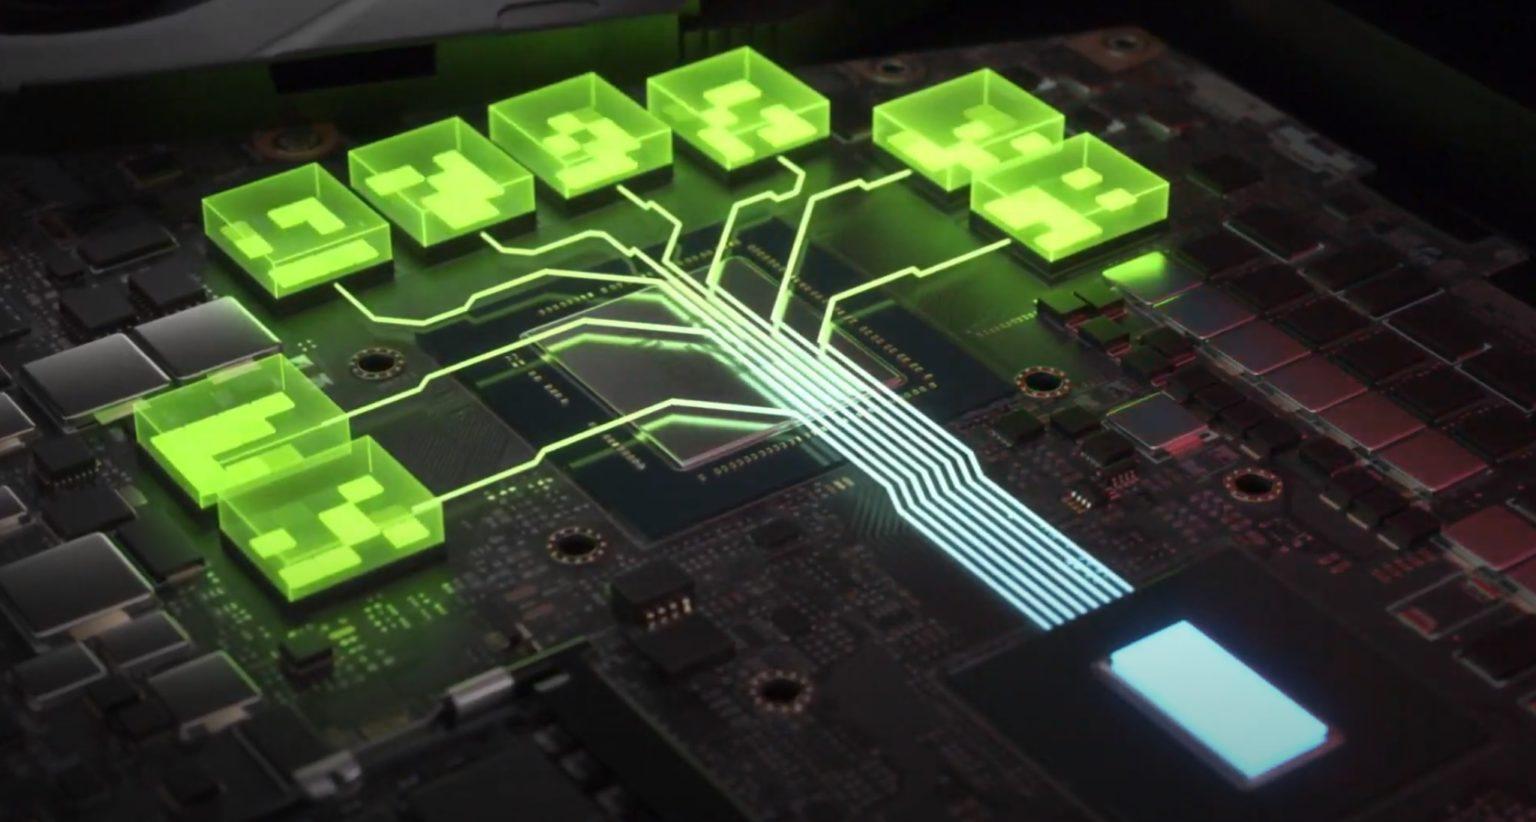 MSI Creator 15 A10UG con RTX 3070 Mobile, análisis: Toda la potencia que necesitas para trabajar, y para jugar 41